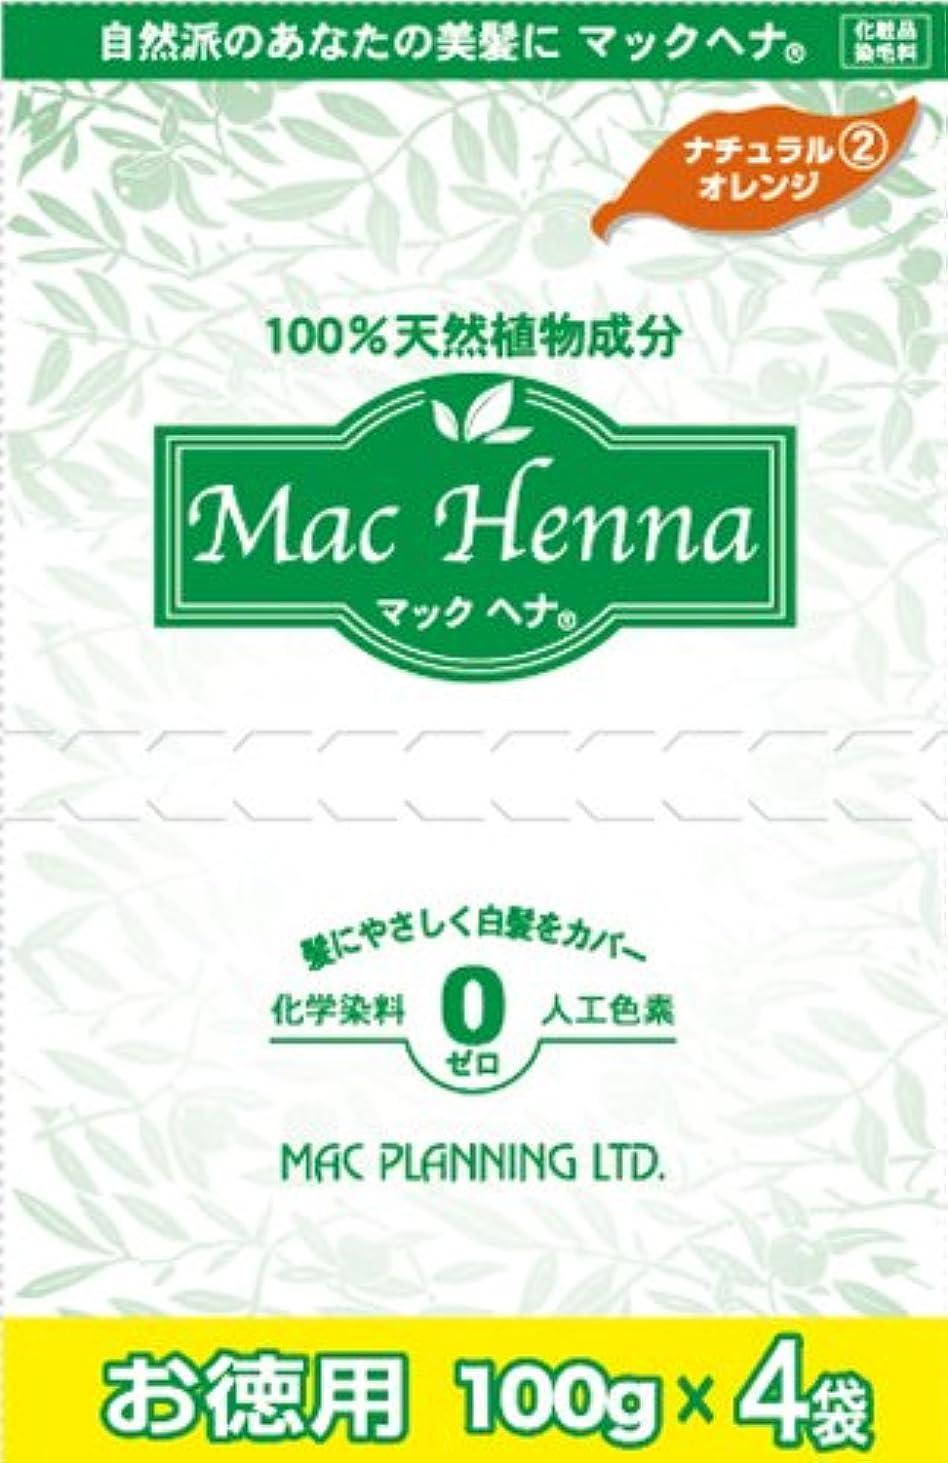 へこみアボート鳥天然植物原料100% 無添加 マックヘナ お徳用(ナチュラルオレンジ)-2  400g(100g×4袋) ケース(12箱入り)